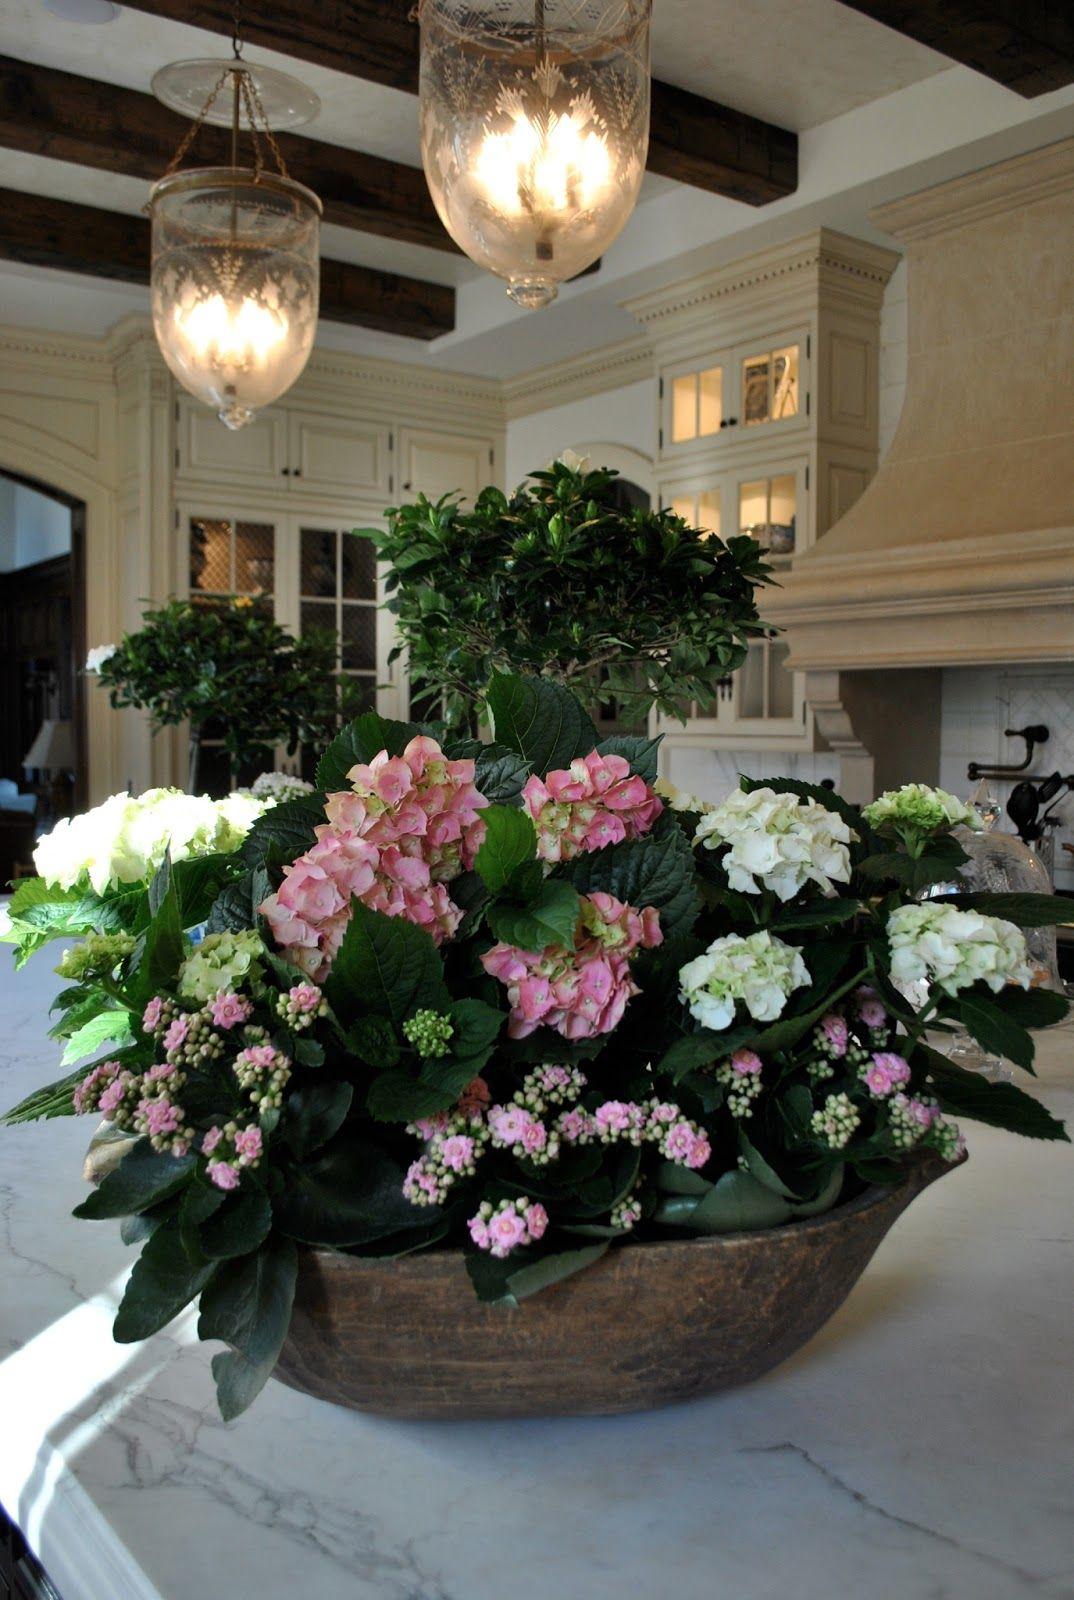 #Mazzelshop-- #Inspiratie #Decoratie #Hortensia #Tuin #Hydrangea #Garden #Flowers #Decorations #Home